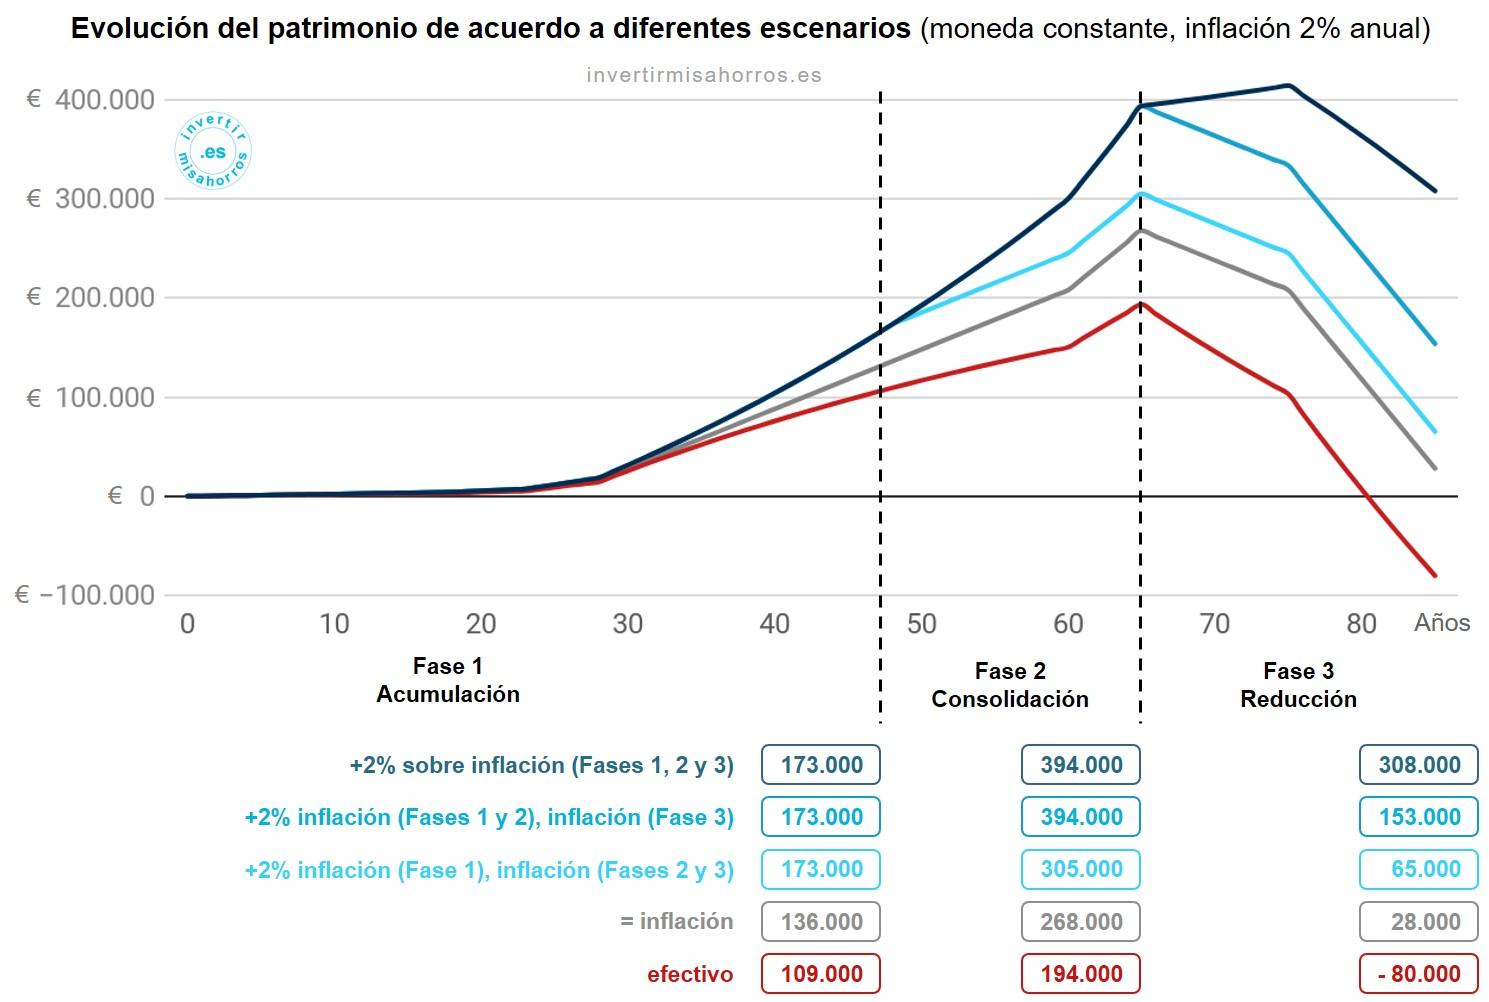 Evolución del patrimonio de acuerdo a diferentes escenarios. Moneda constante, inflación 2% anual